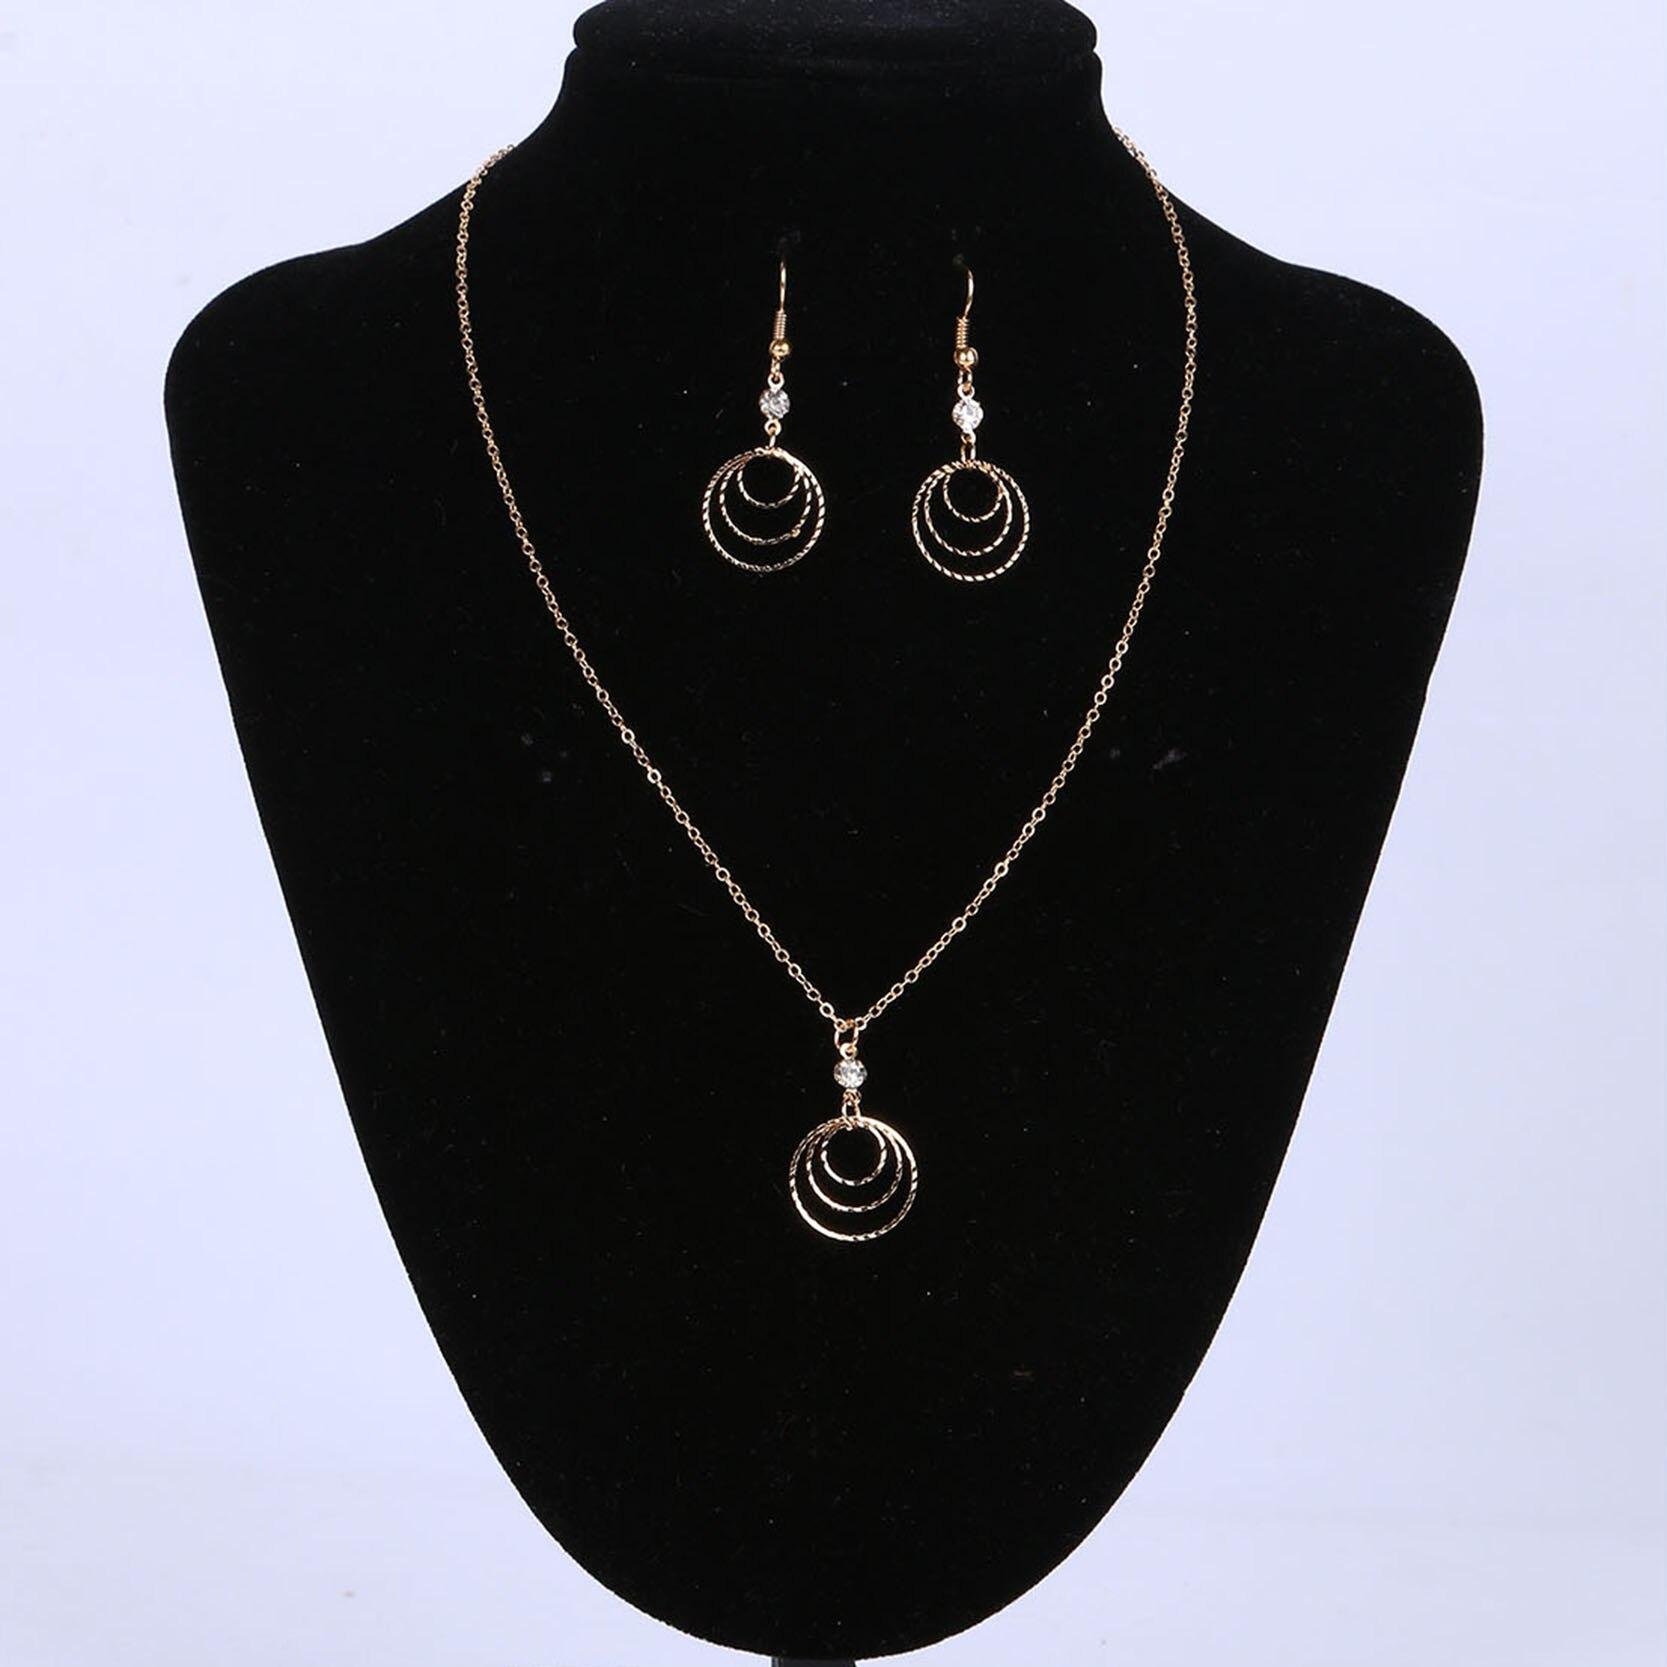 Anting anting dan Kalung Perhiasan Set Warna Emas dengan multi layer Berbentuk Earring dan Kalung Set untuk Wanita Pernikahan